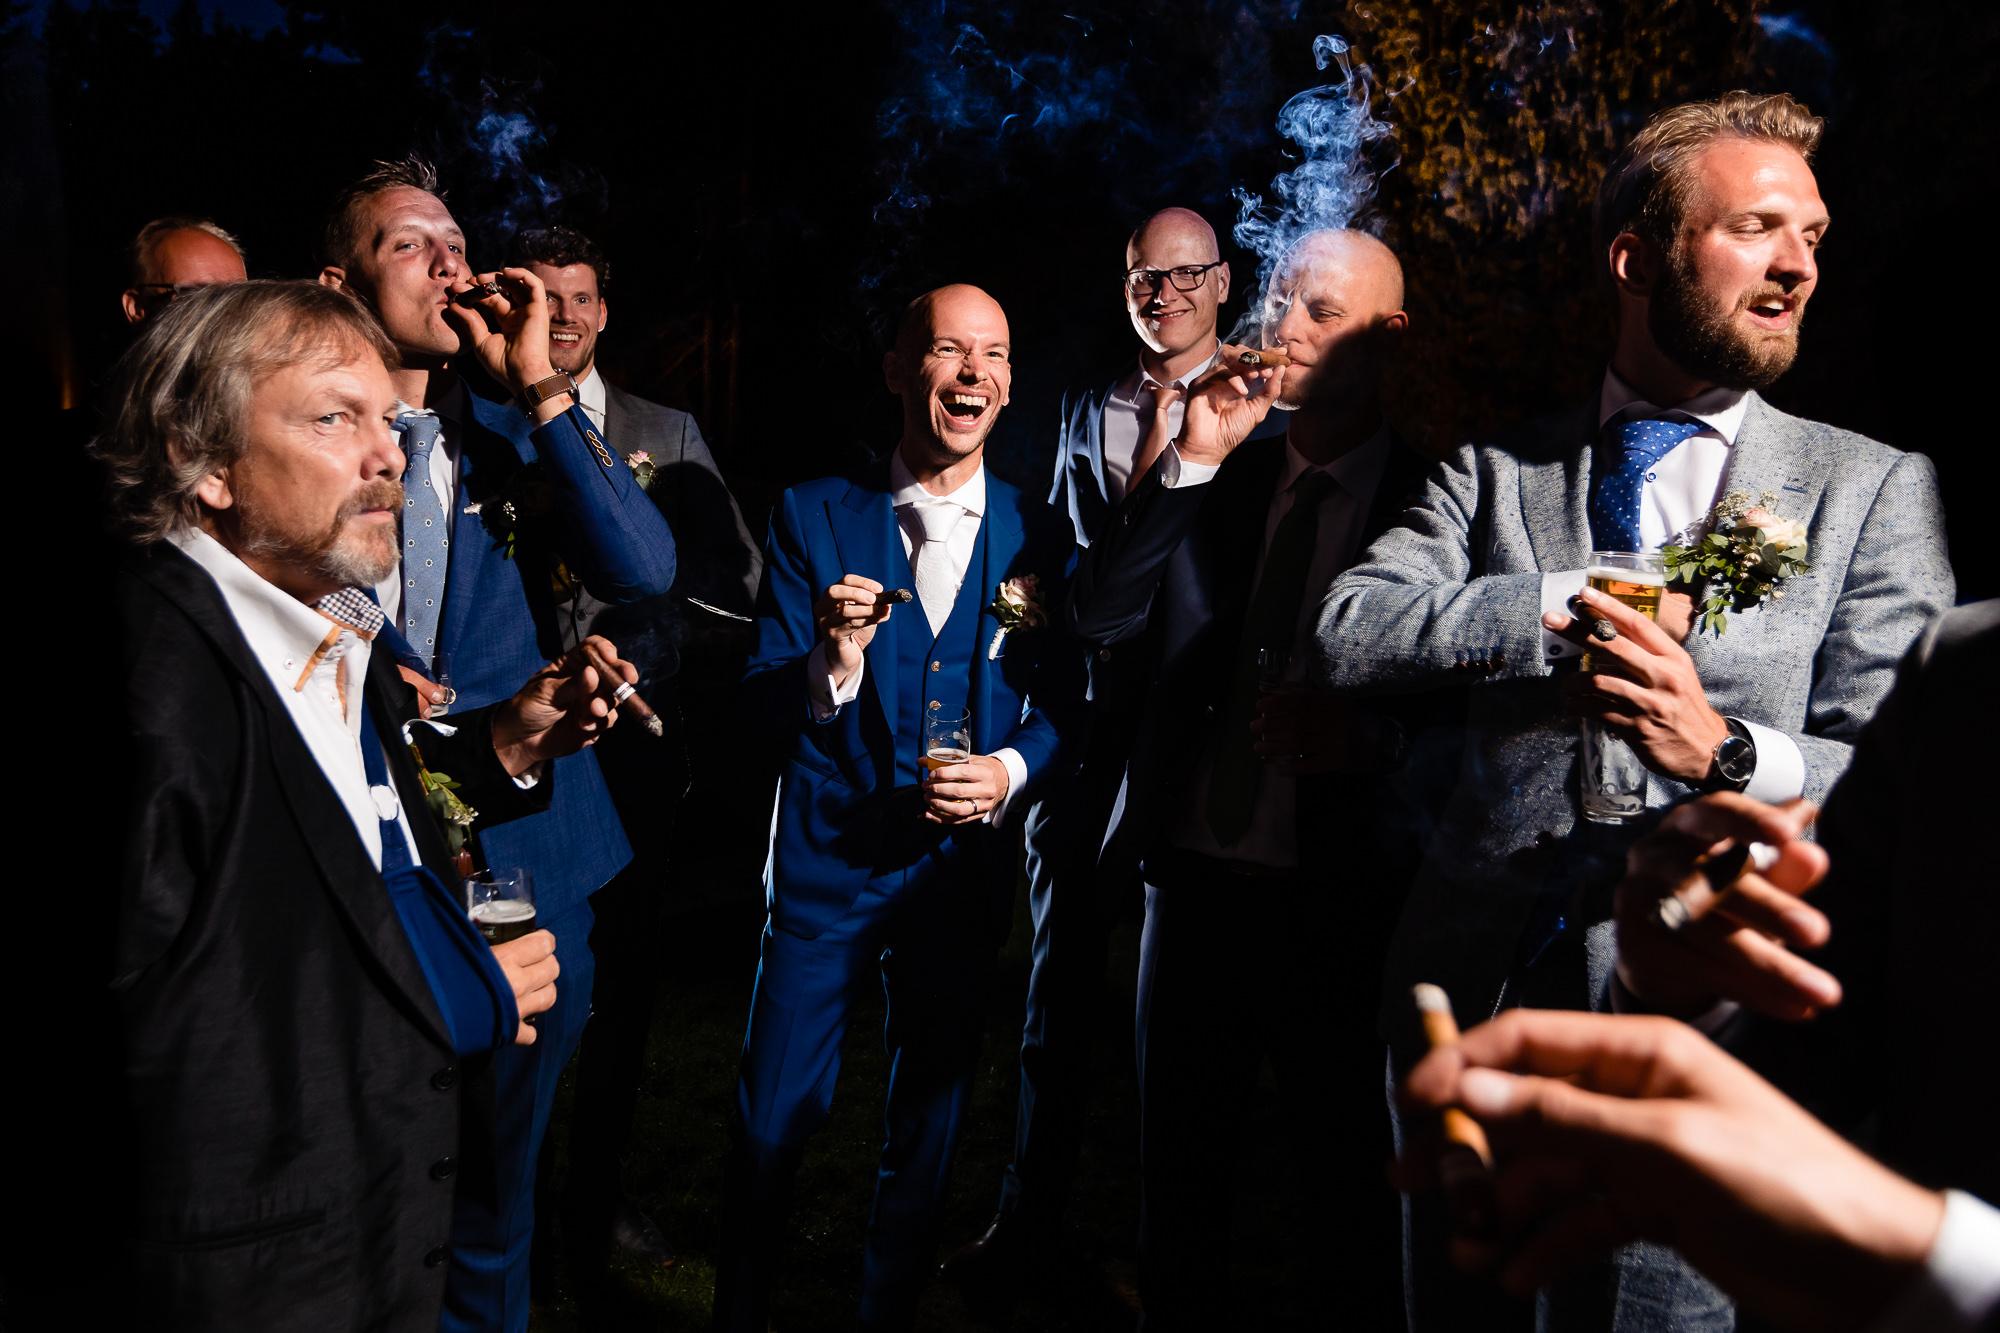 Bruidegom sigaar aan het roken samen met zijn getuigen